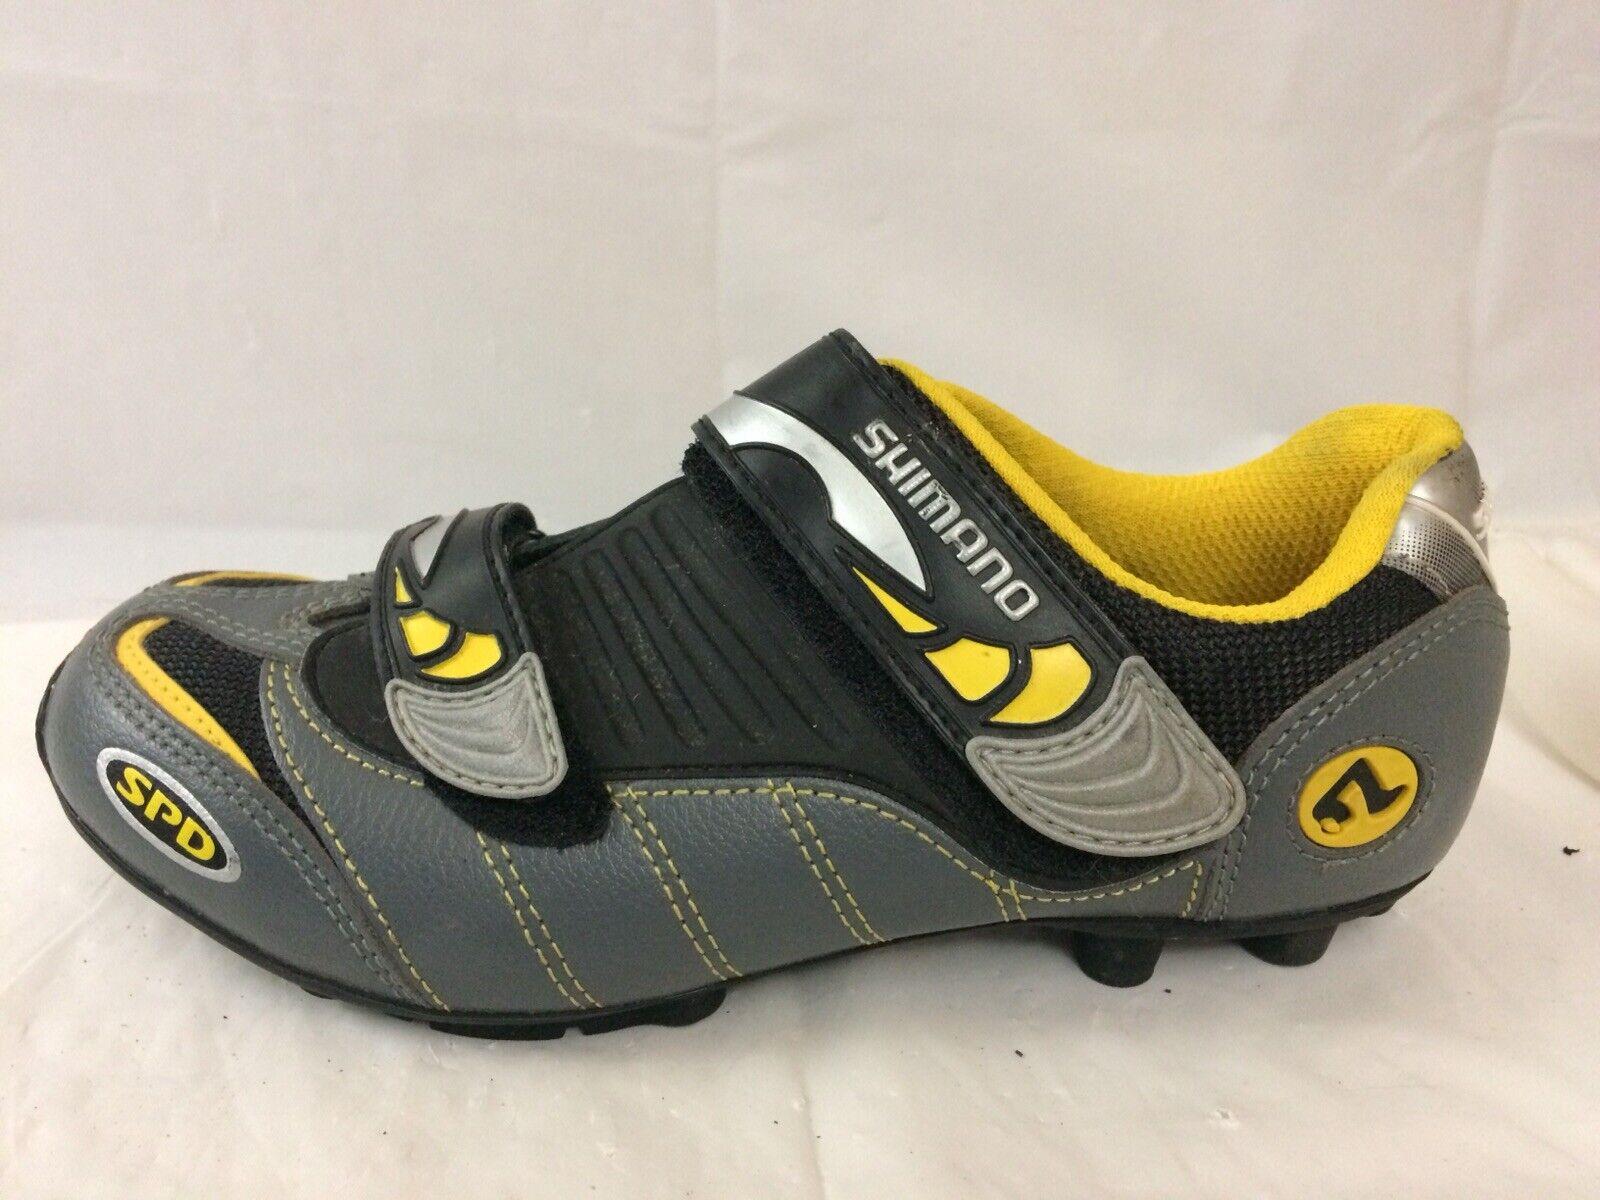 Shimano Bike zapatos para hombre 5 Med 38 euros sin hardware de Cuero gris para Ciclismo SH-M082WY